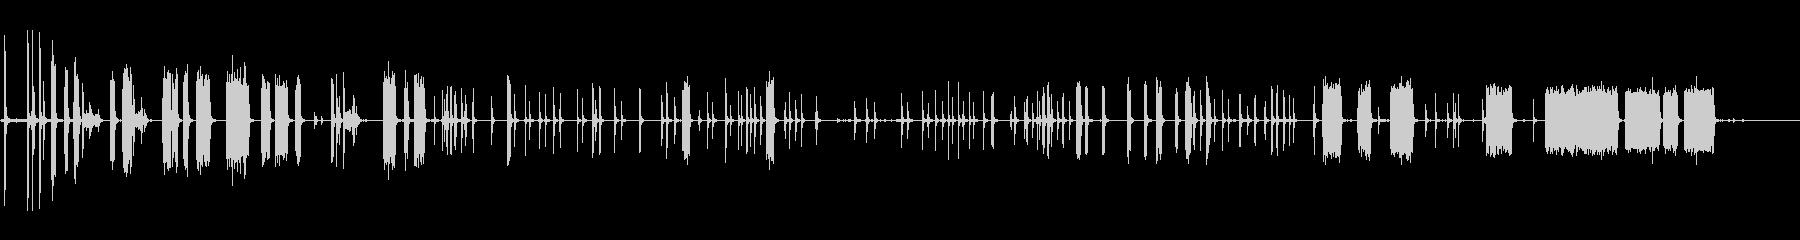 カーソレノイドザップ;短いと長いの未再生の波形